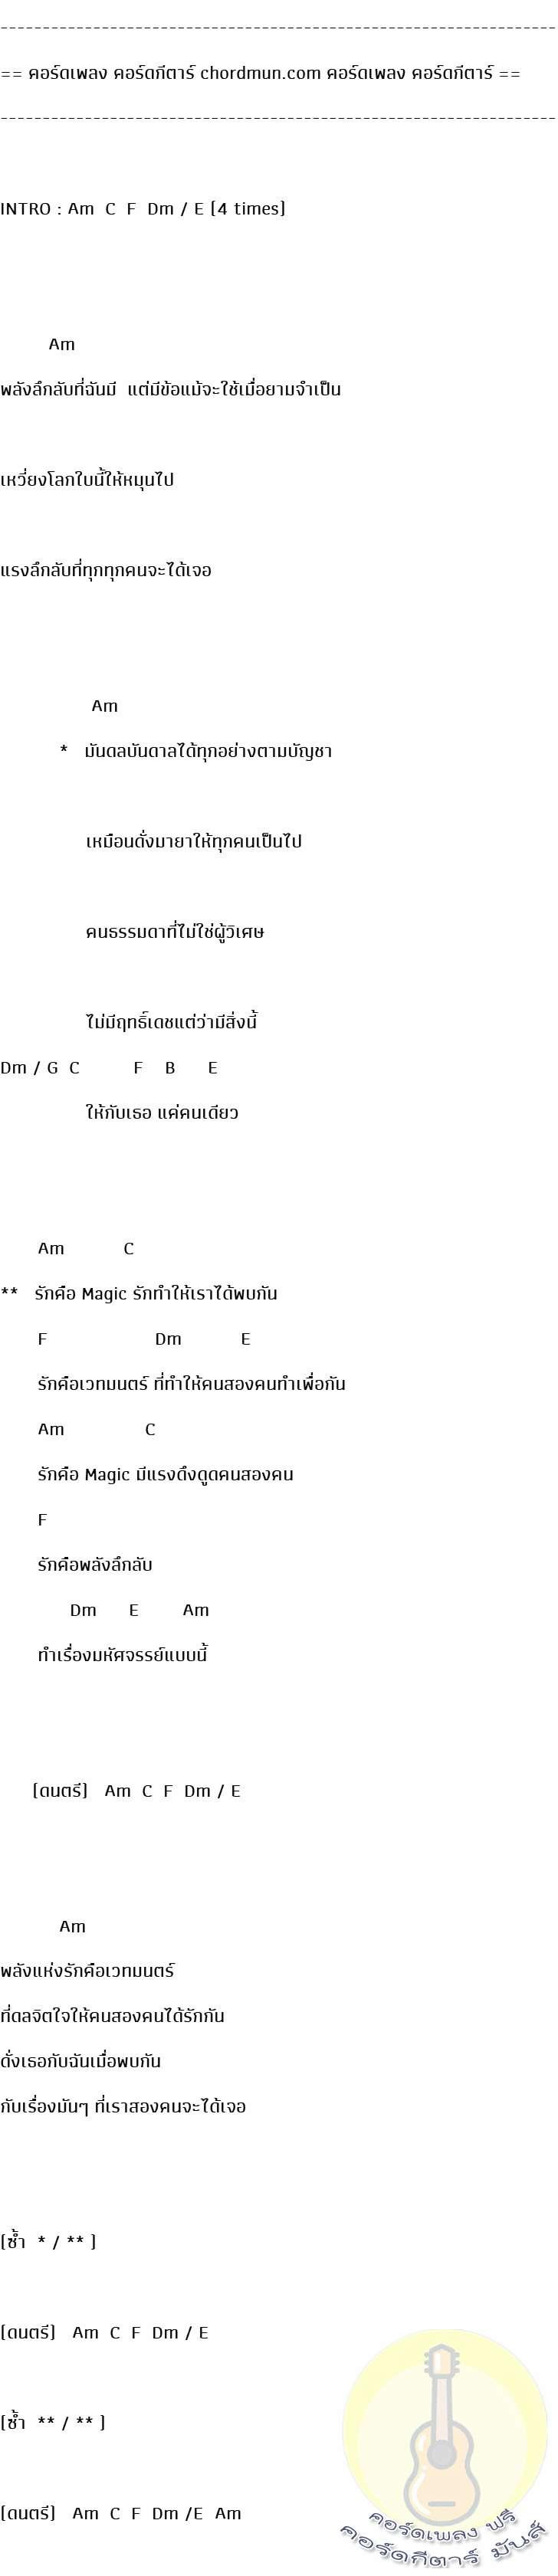 คอร์ดกีต้าร์ง่ายๆ  เพลง Magic